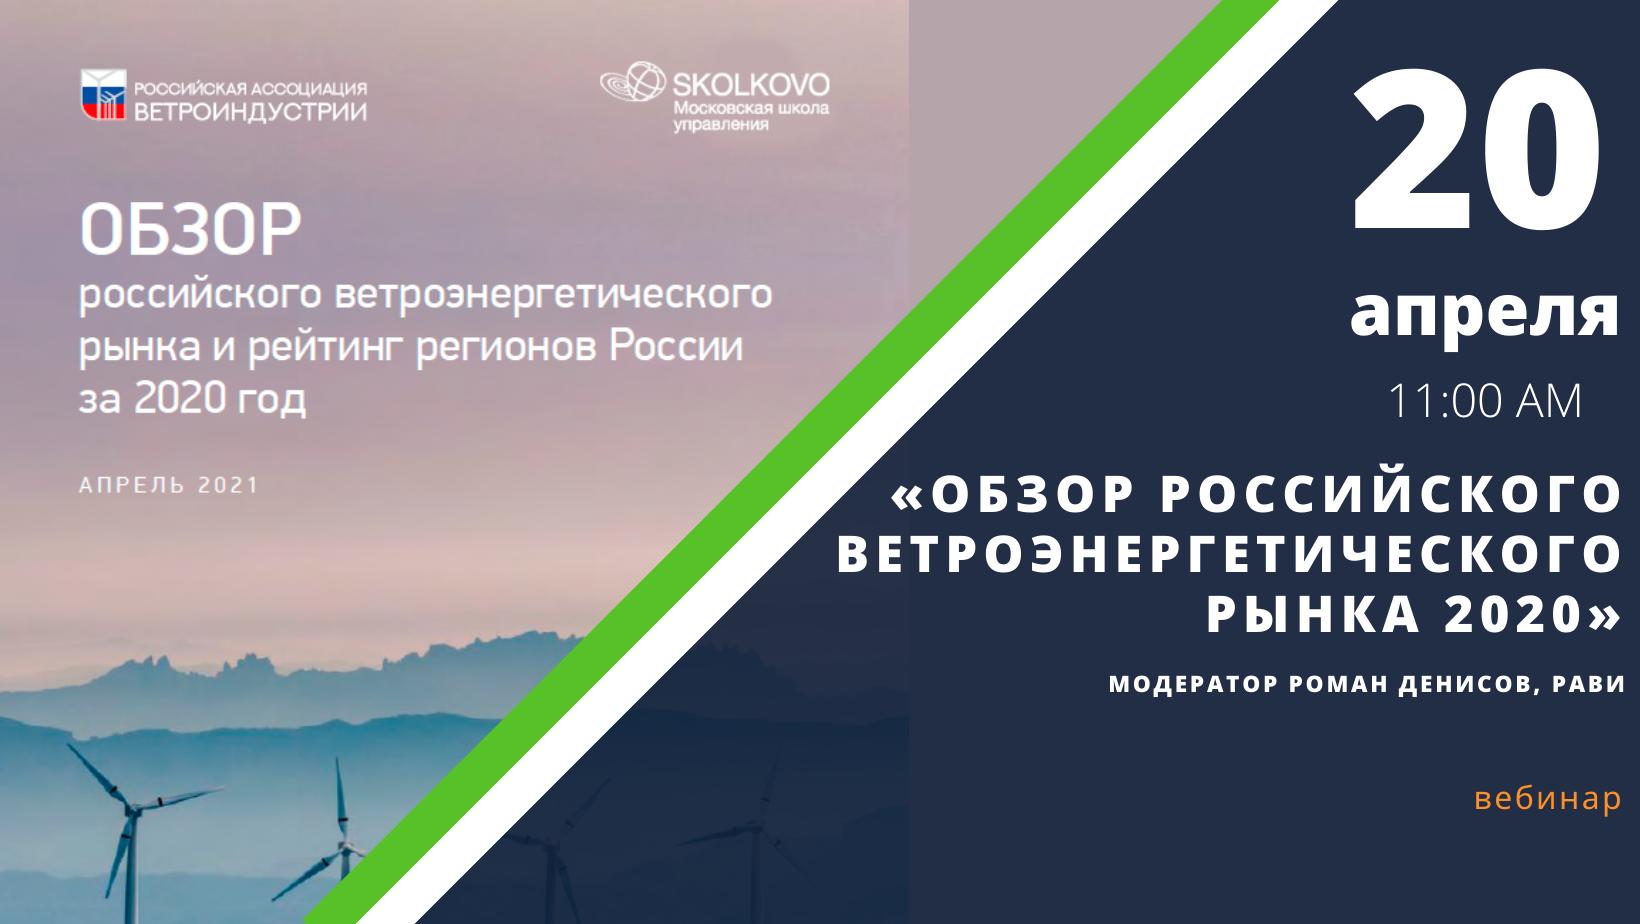 Обзор российского рынка ветроэнергетики 2020